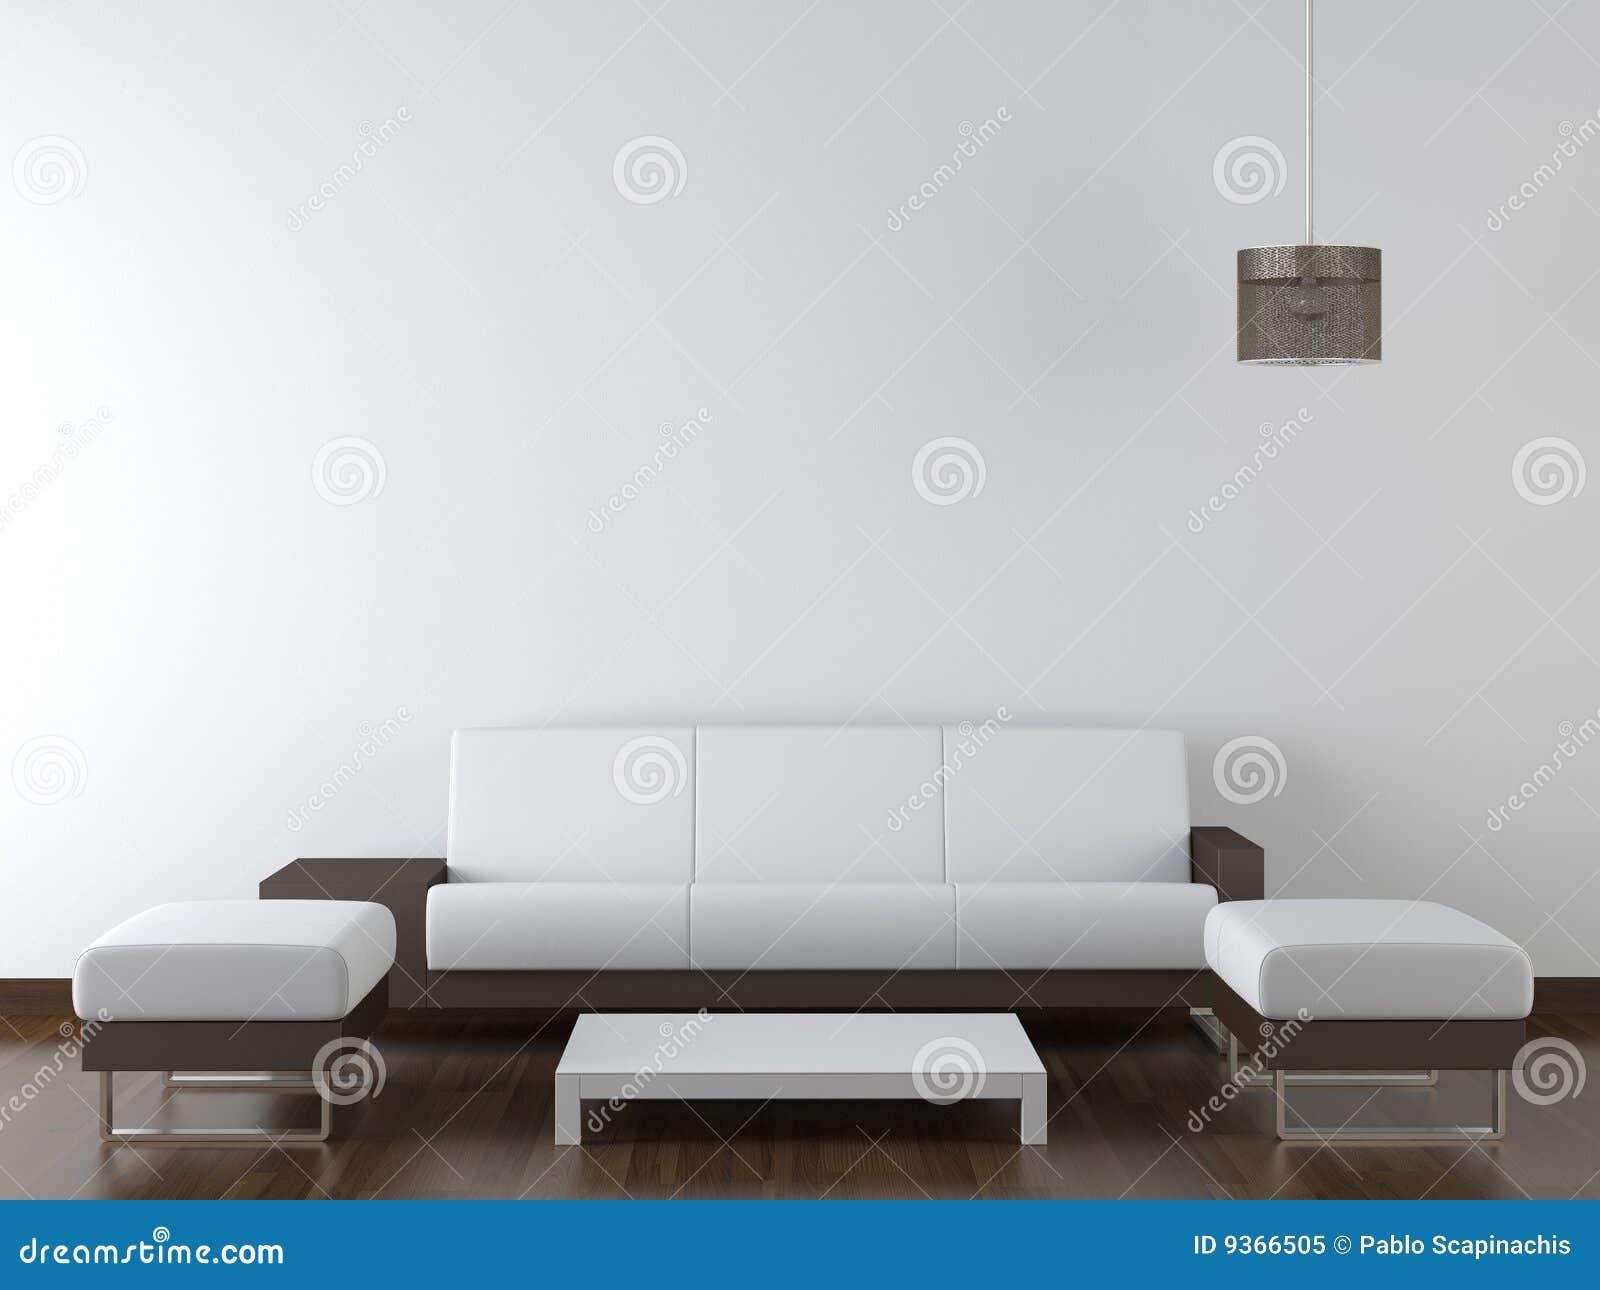 Moderne Möbel Der Innenarchitektur Auf Weißer Wand Stockbild - Bild ...